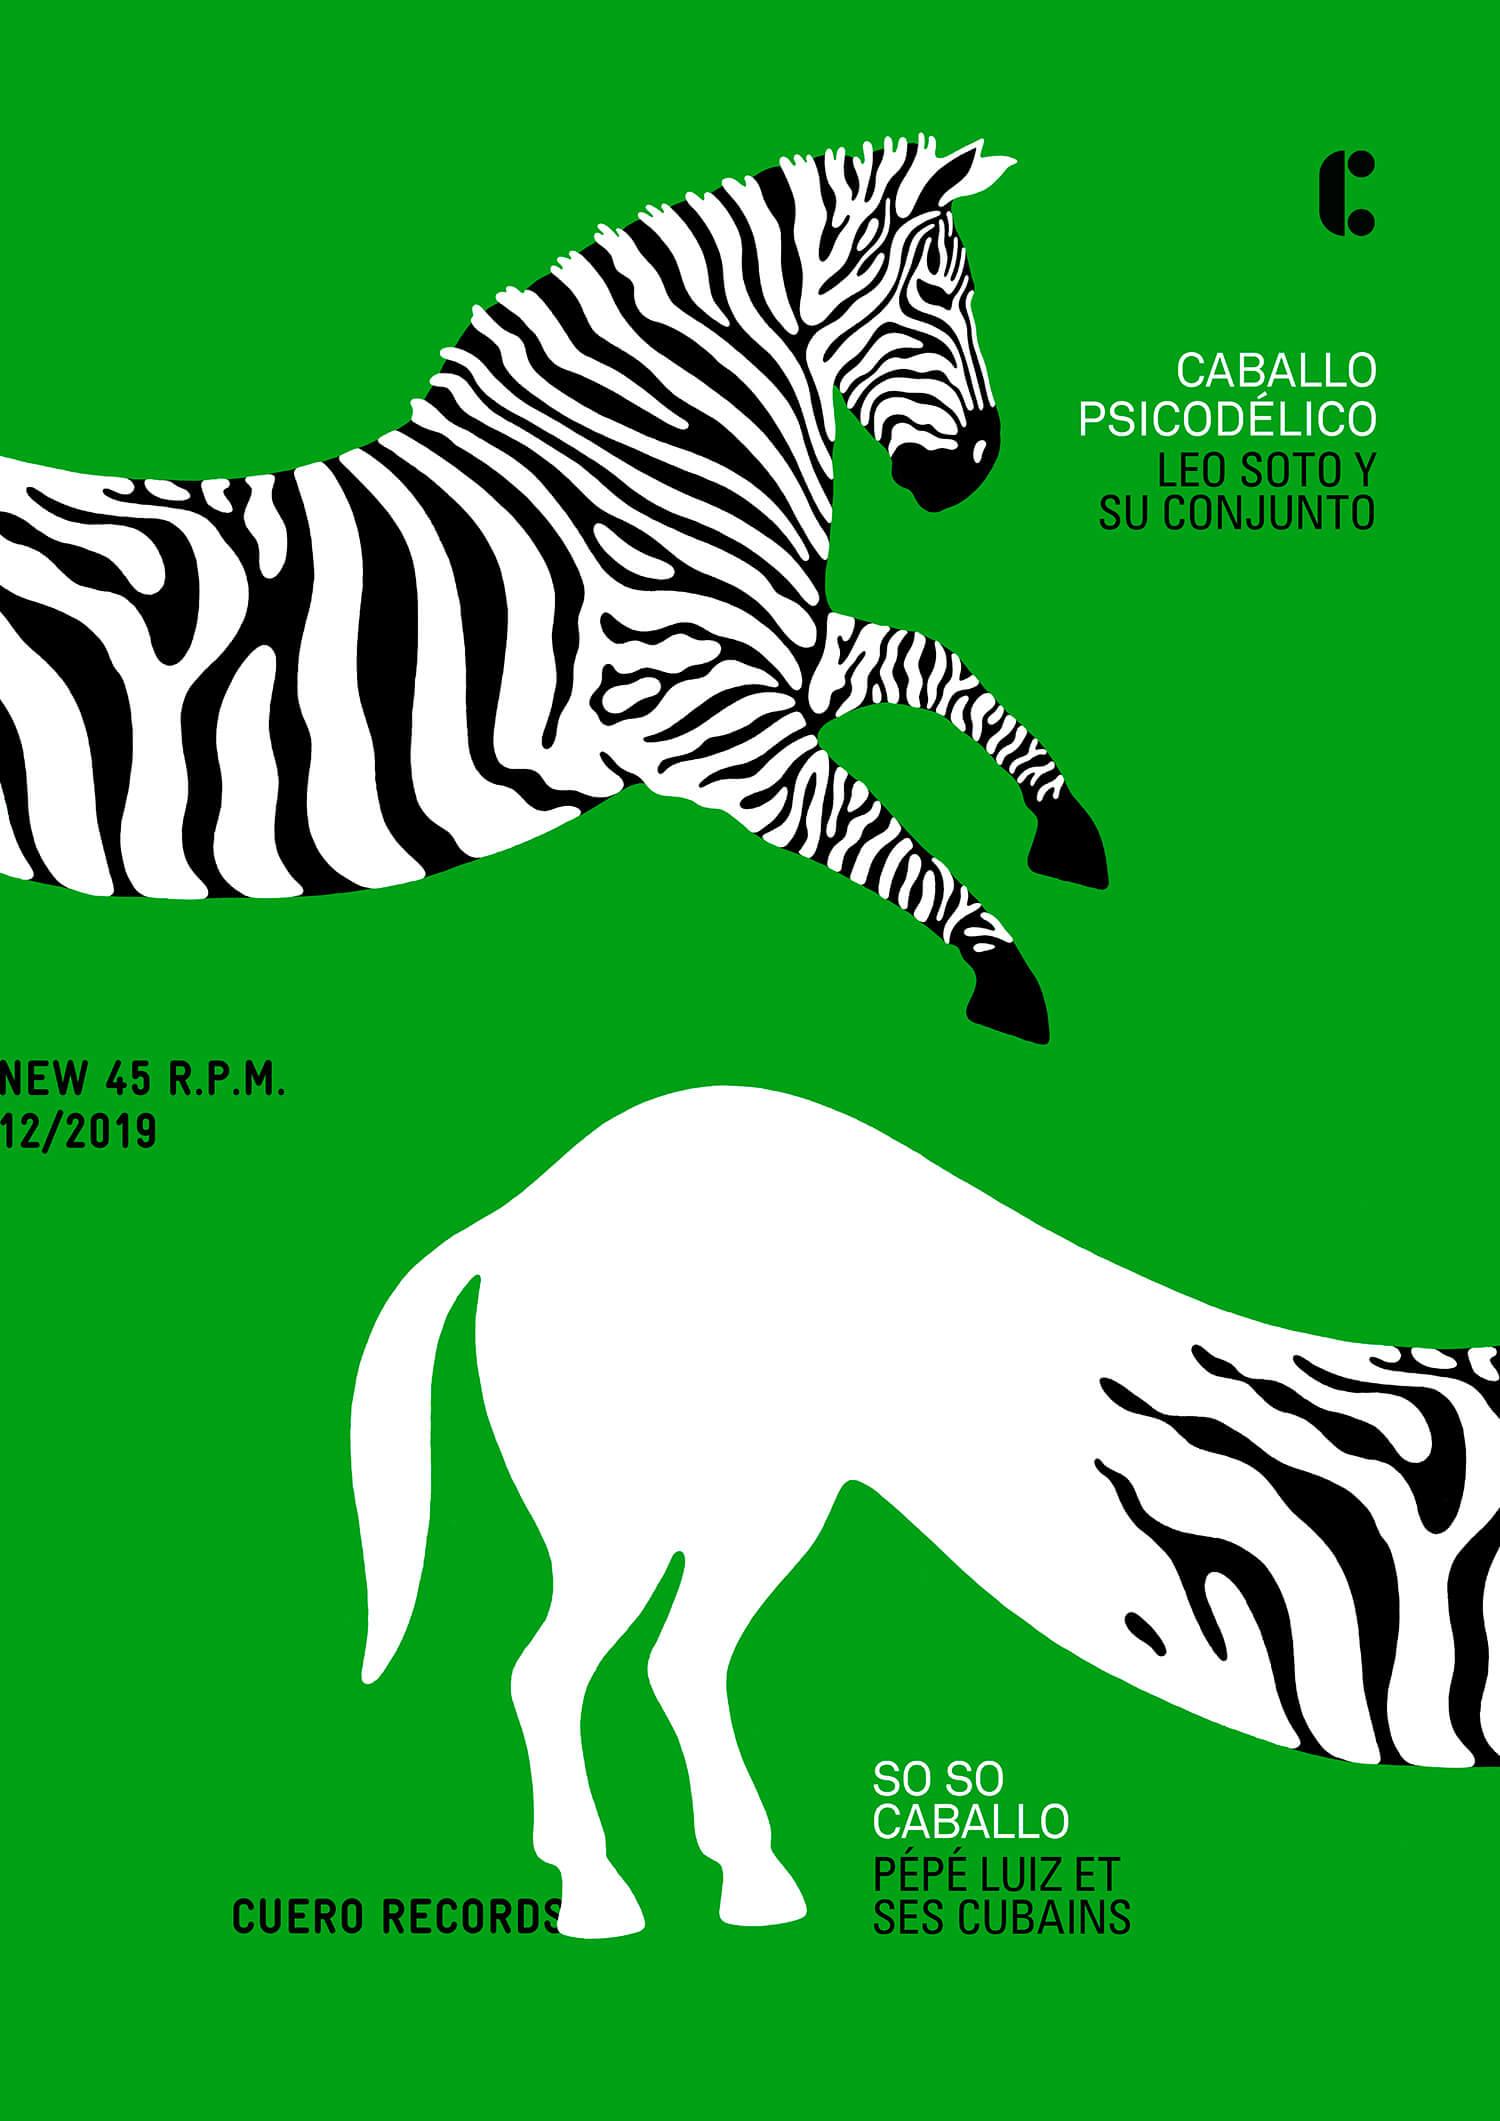 Caballo Psicodélico / So So Caballo poster